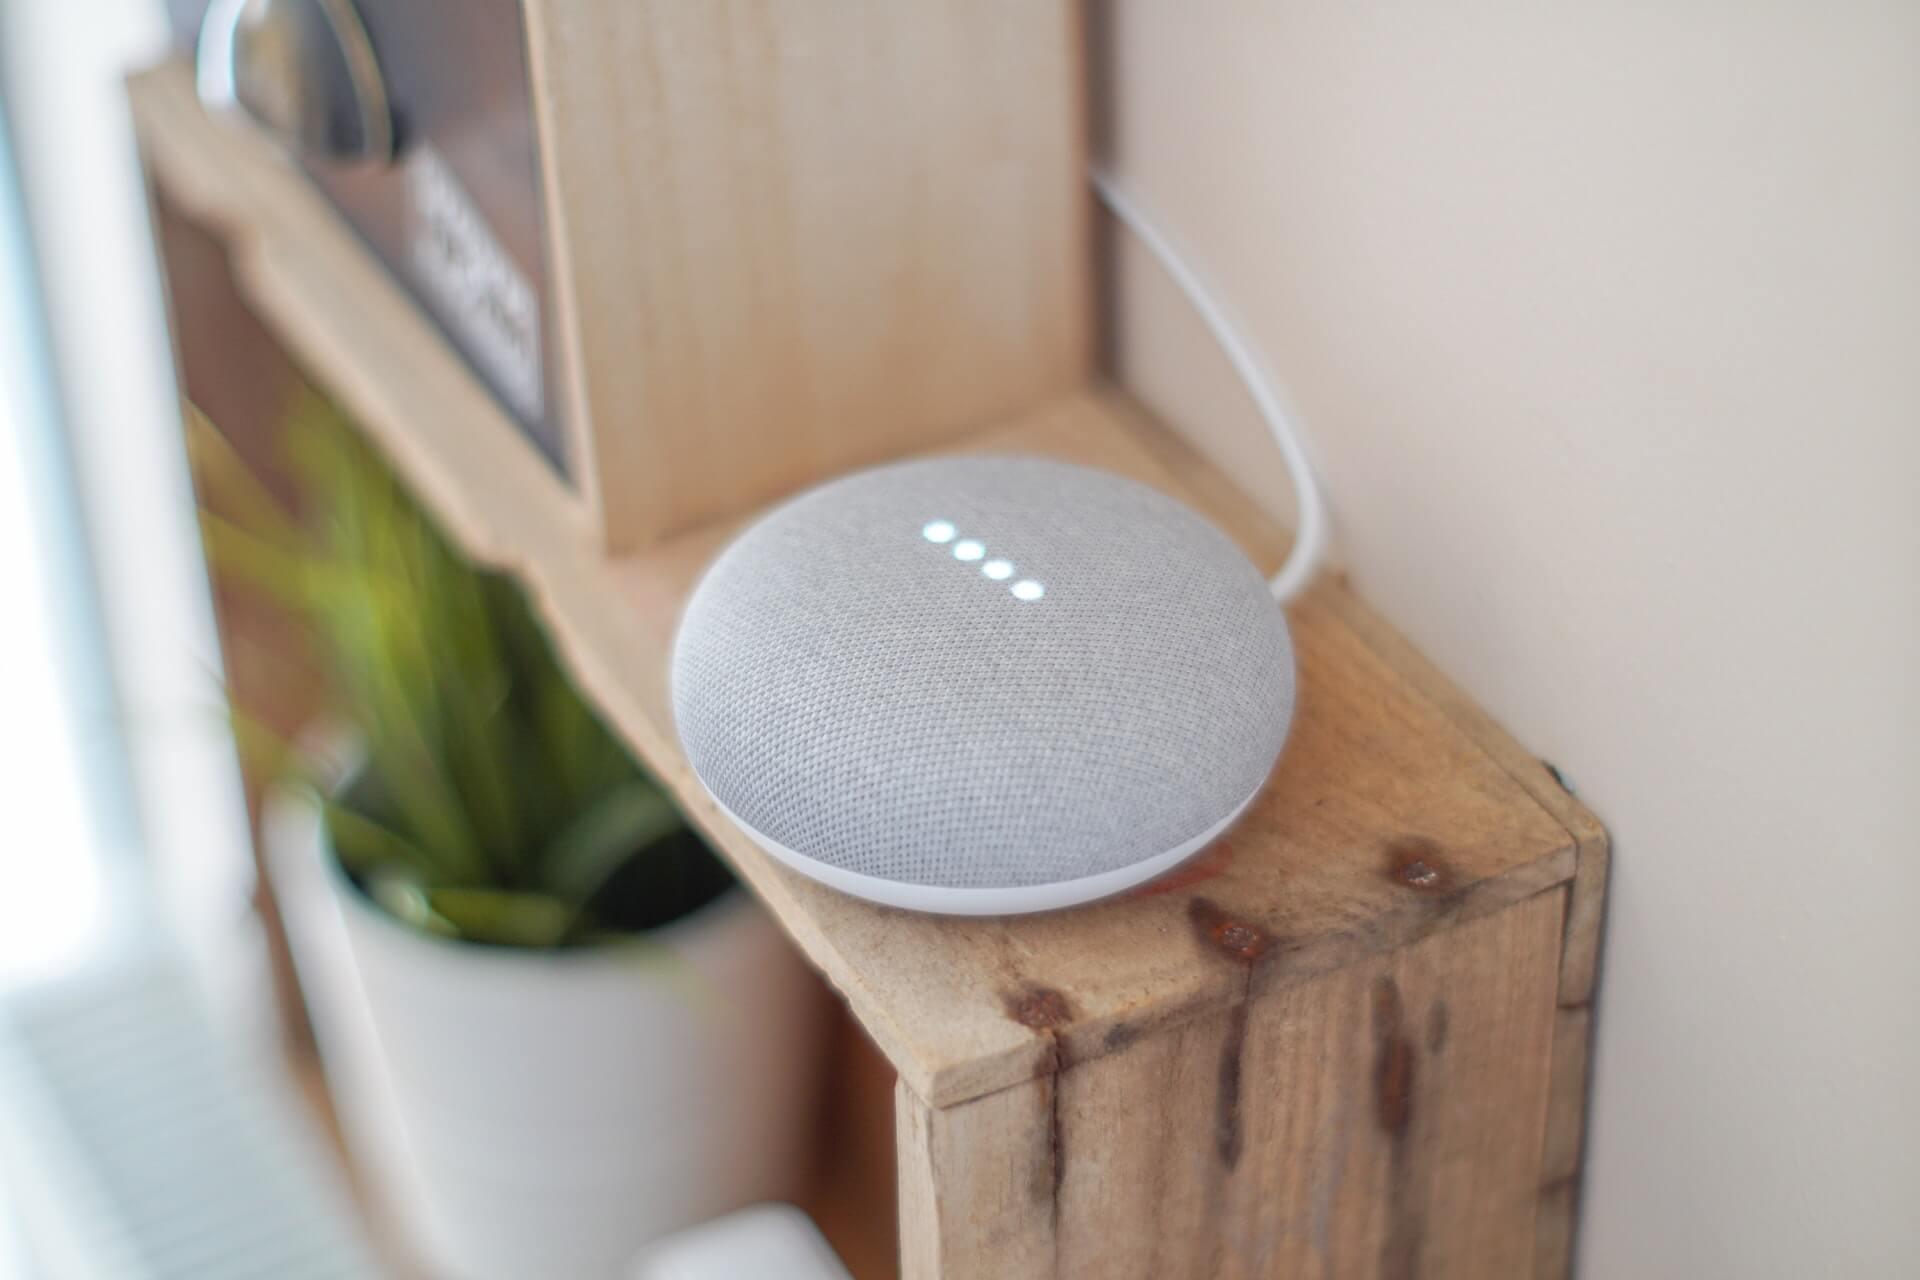 Assistente virtual Google Nest Mini